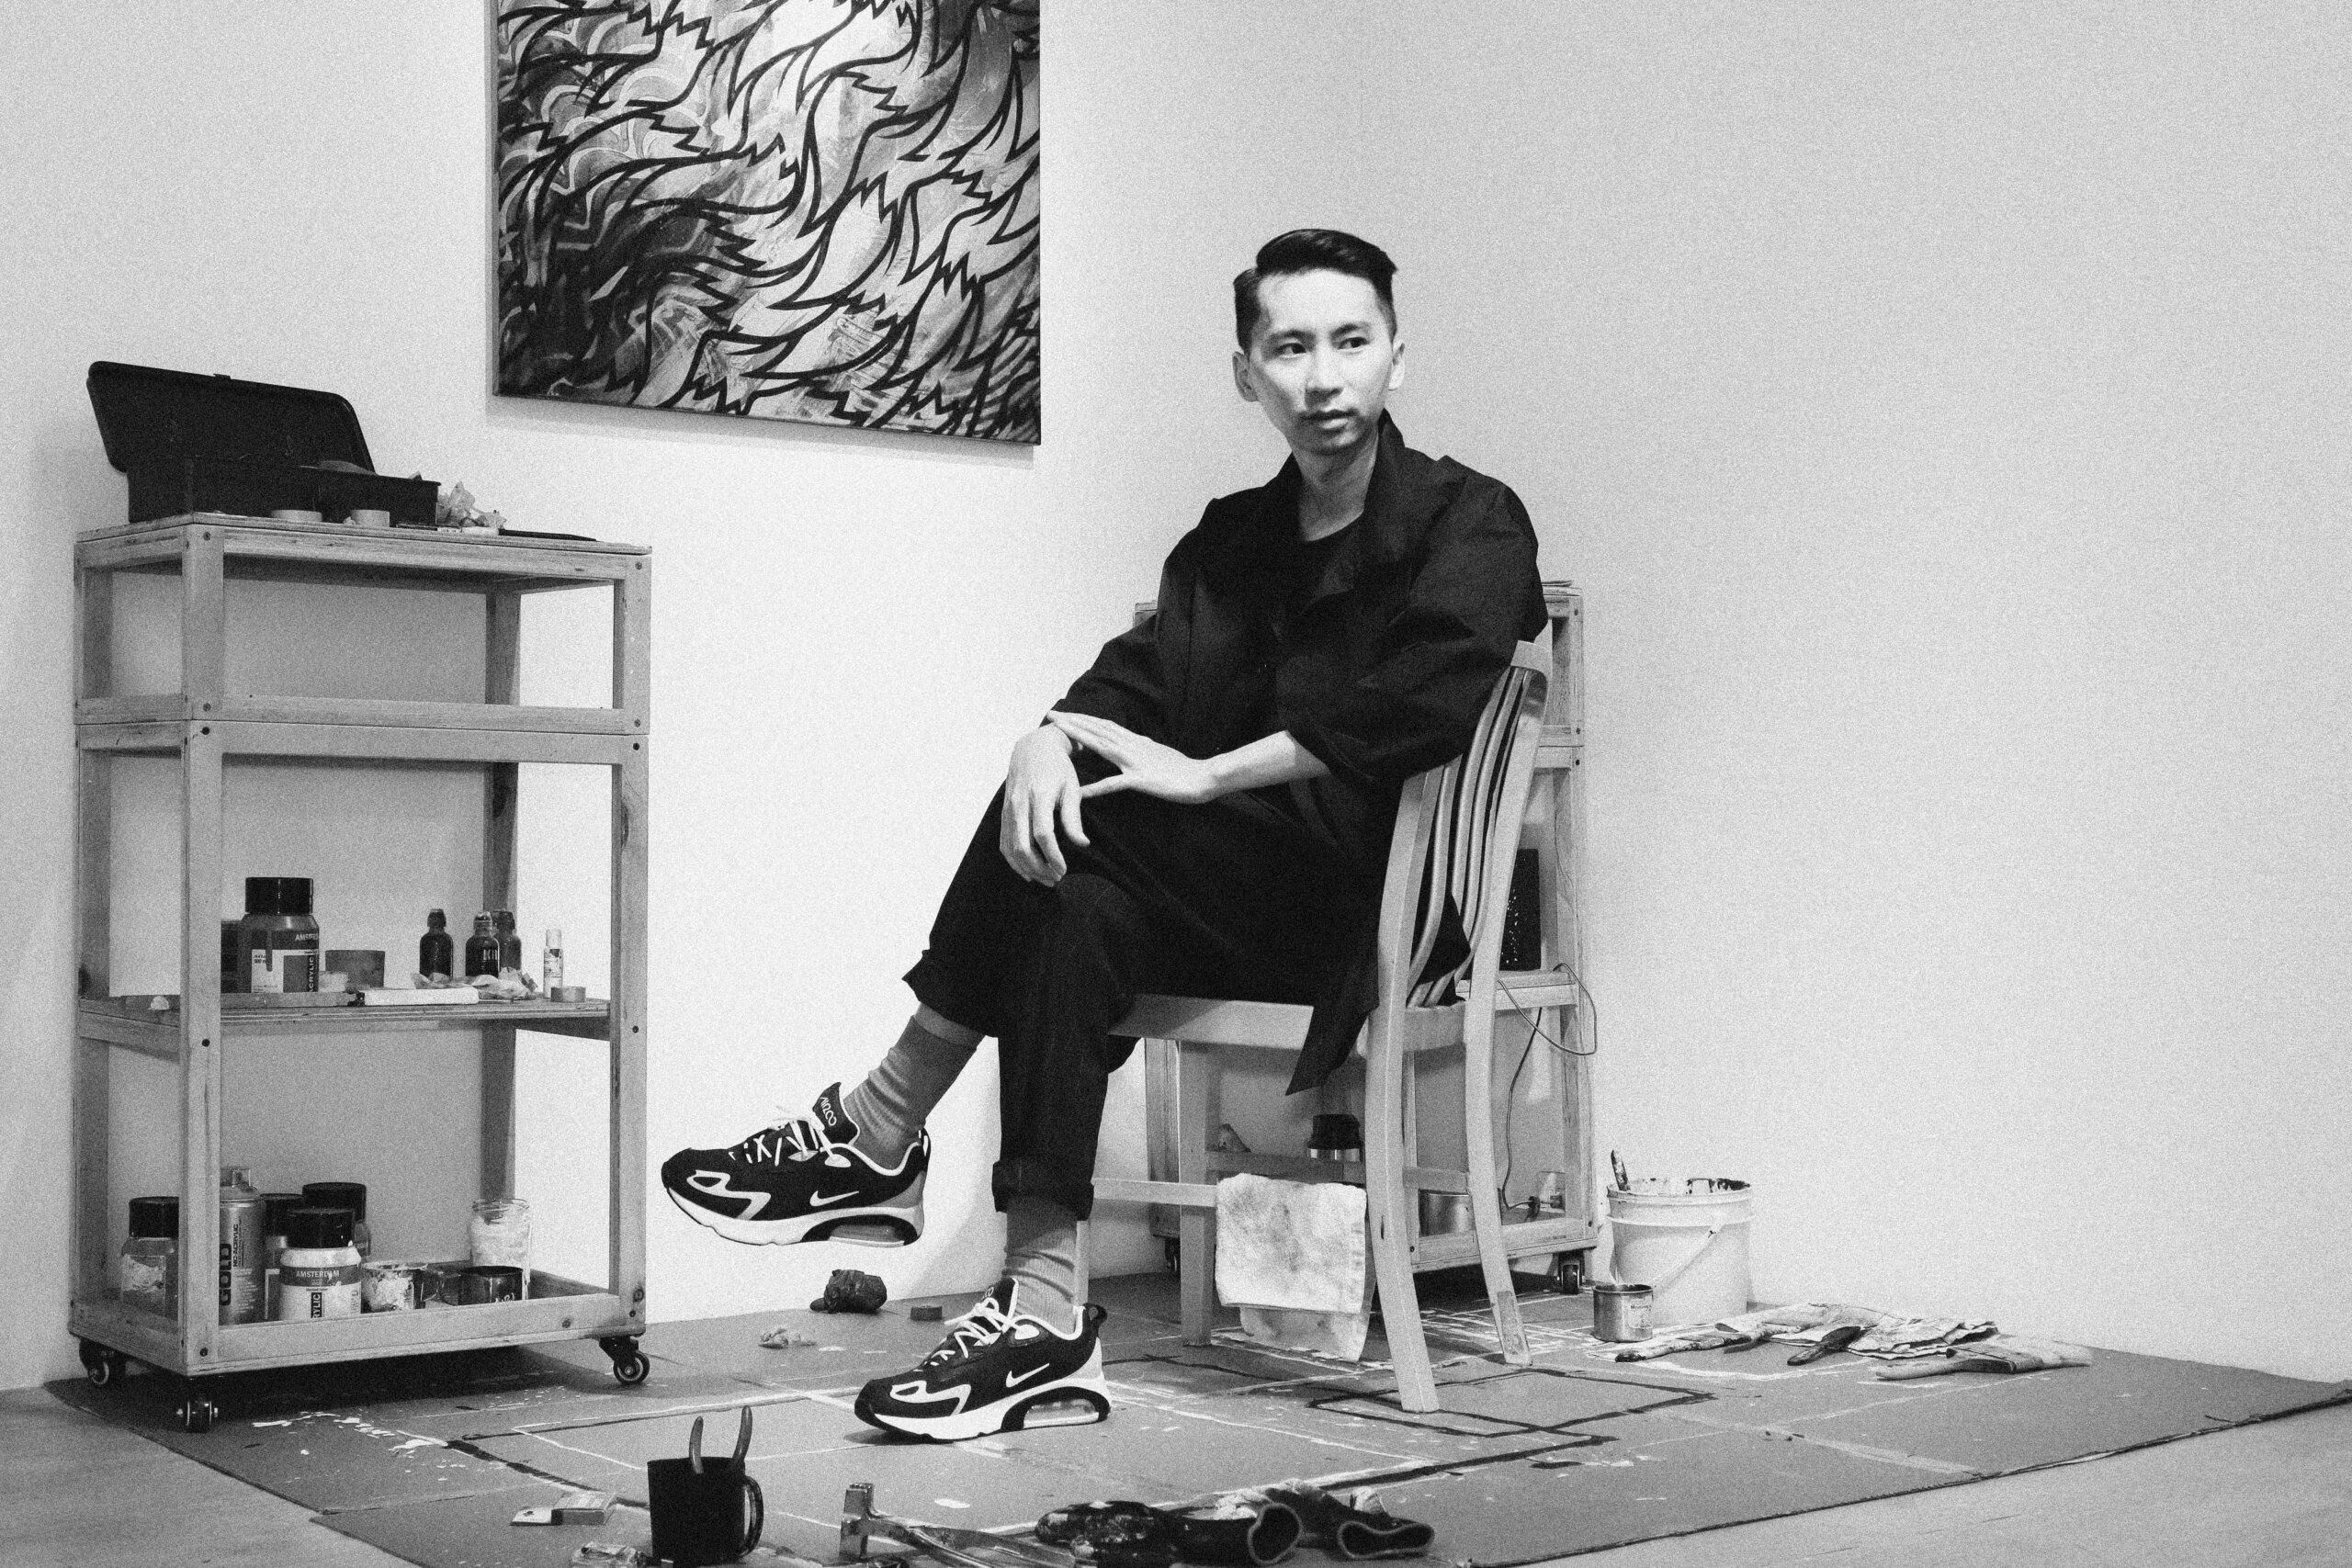 15週年,15 anniversary,台灣街頭塗鴉,台灣藝術家,塗鴉藝術家,reach,15週年主視覺,塗鴉主視覺,plain-me 15週年,plain-me 15週年慶,15週年慶